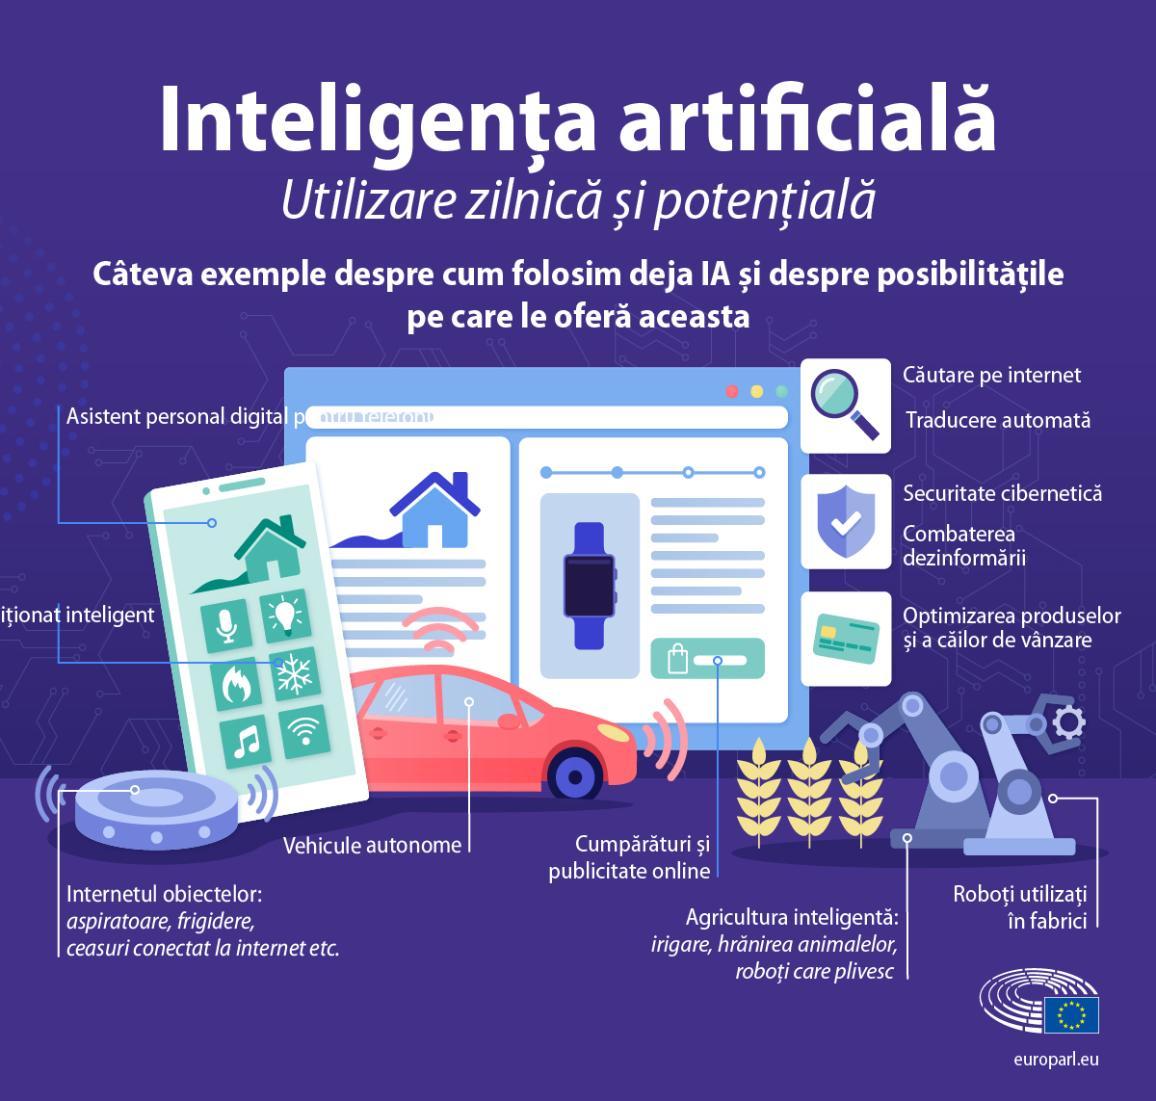 Infografic cu exemple ale utilizării inteligenței artificiale în viața de zi cu zi